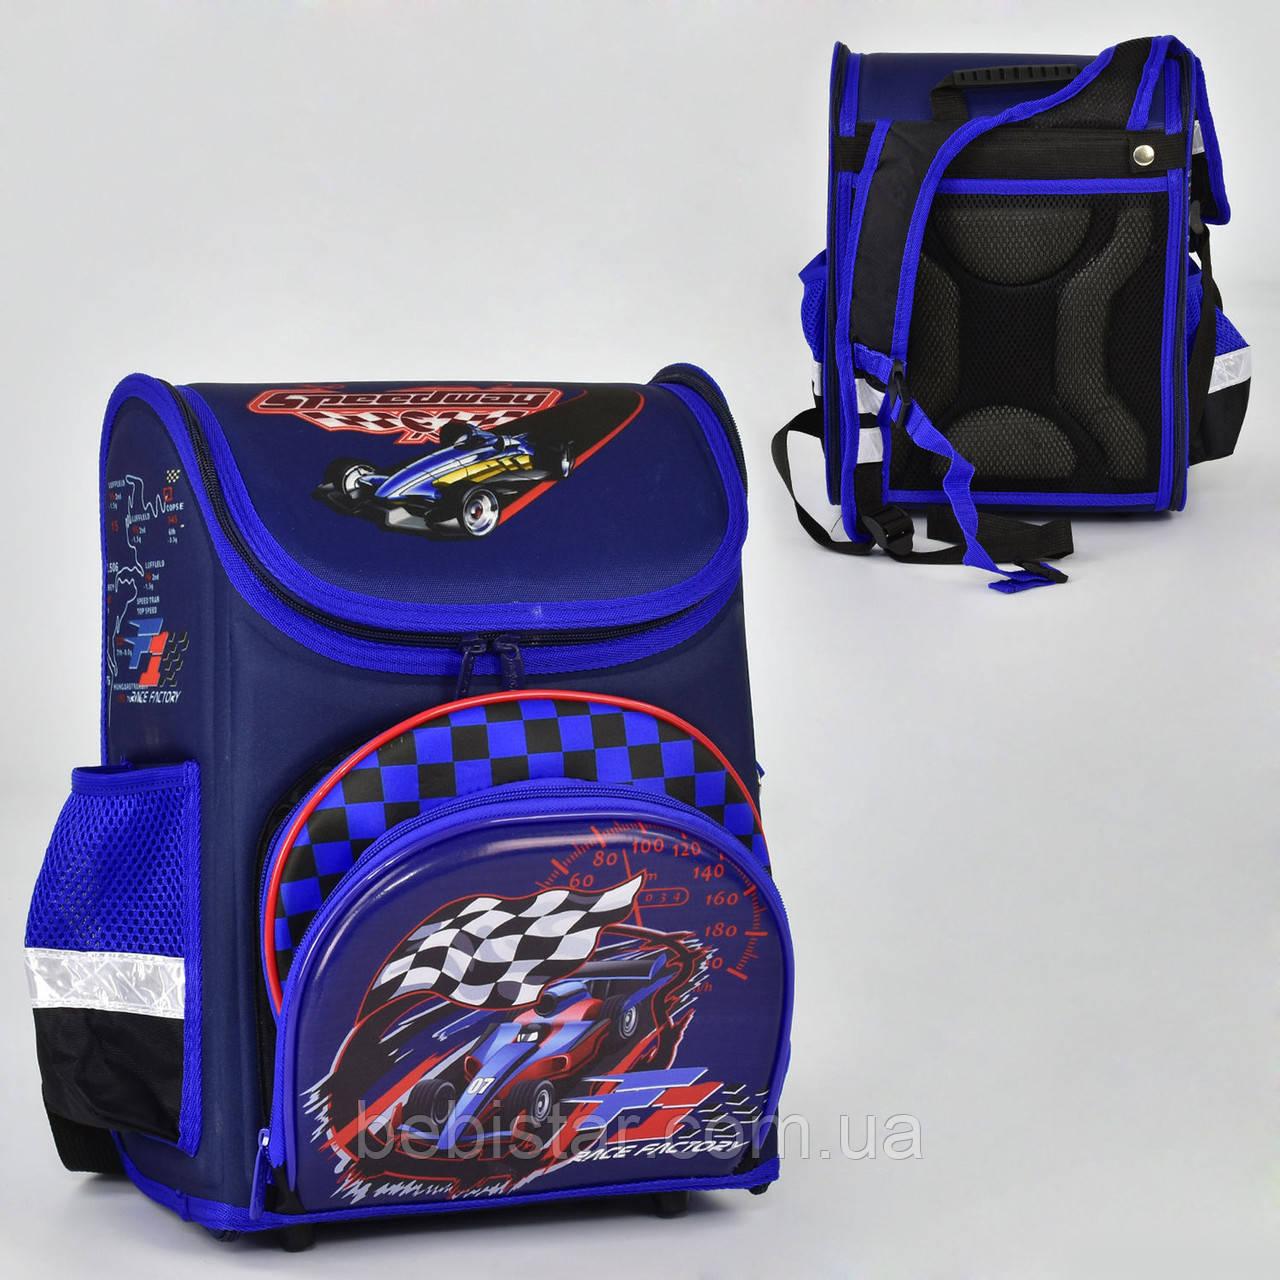 Шкільний рюкзак ортопедична спинка 3 кишені з зображенням спортивного боліда